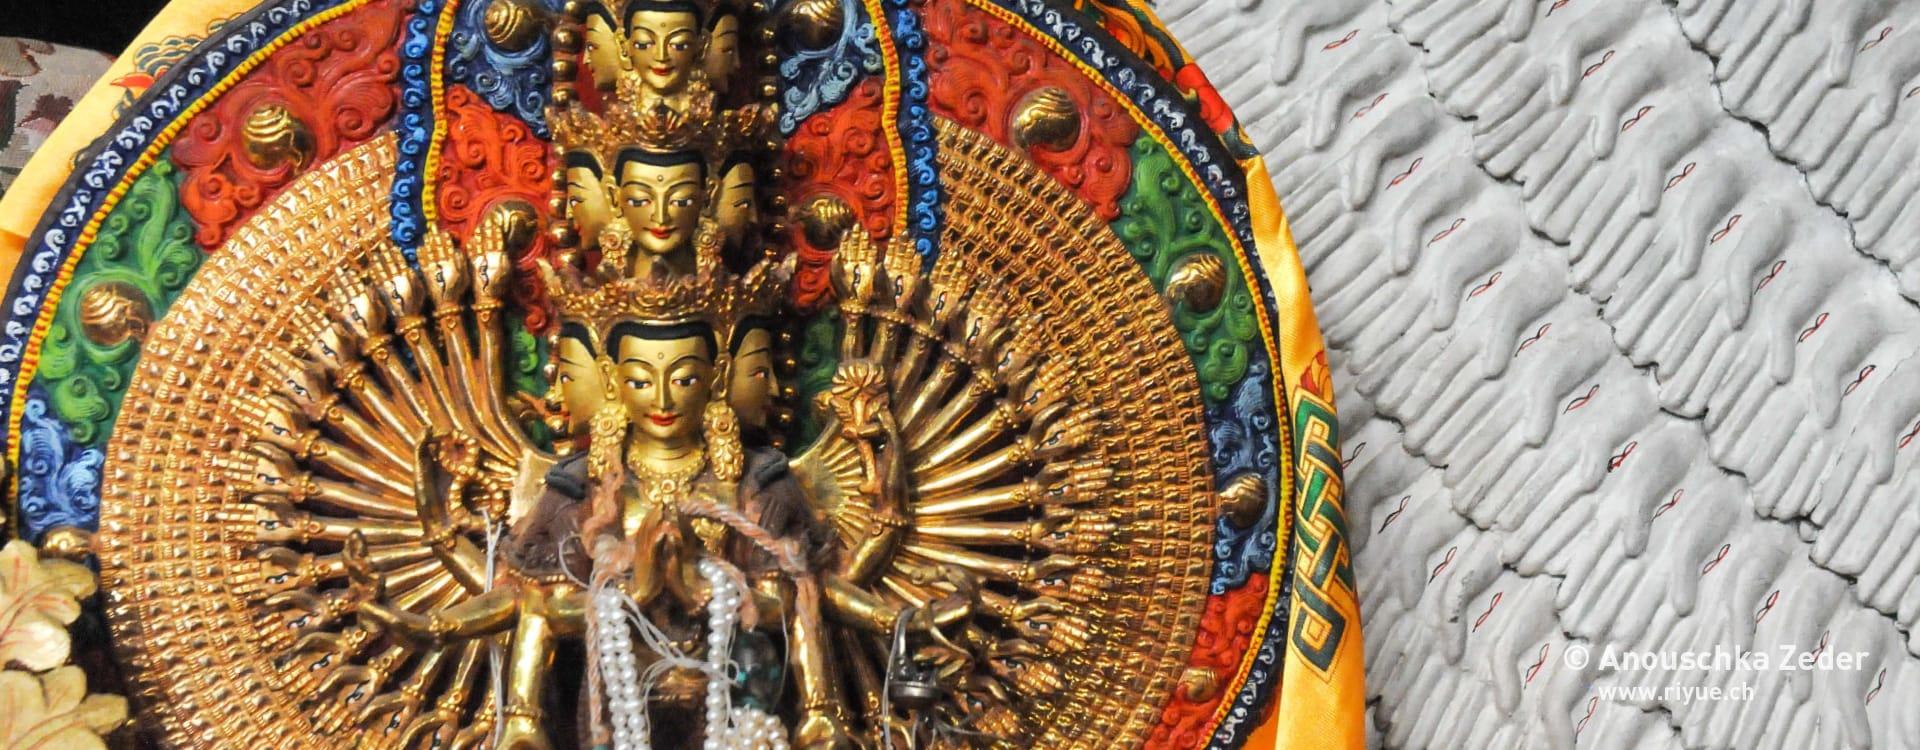 riyue – Moxa (Moxibustion) – Buddha Ladakh